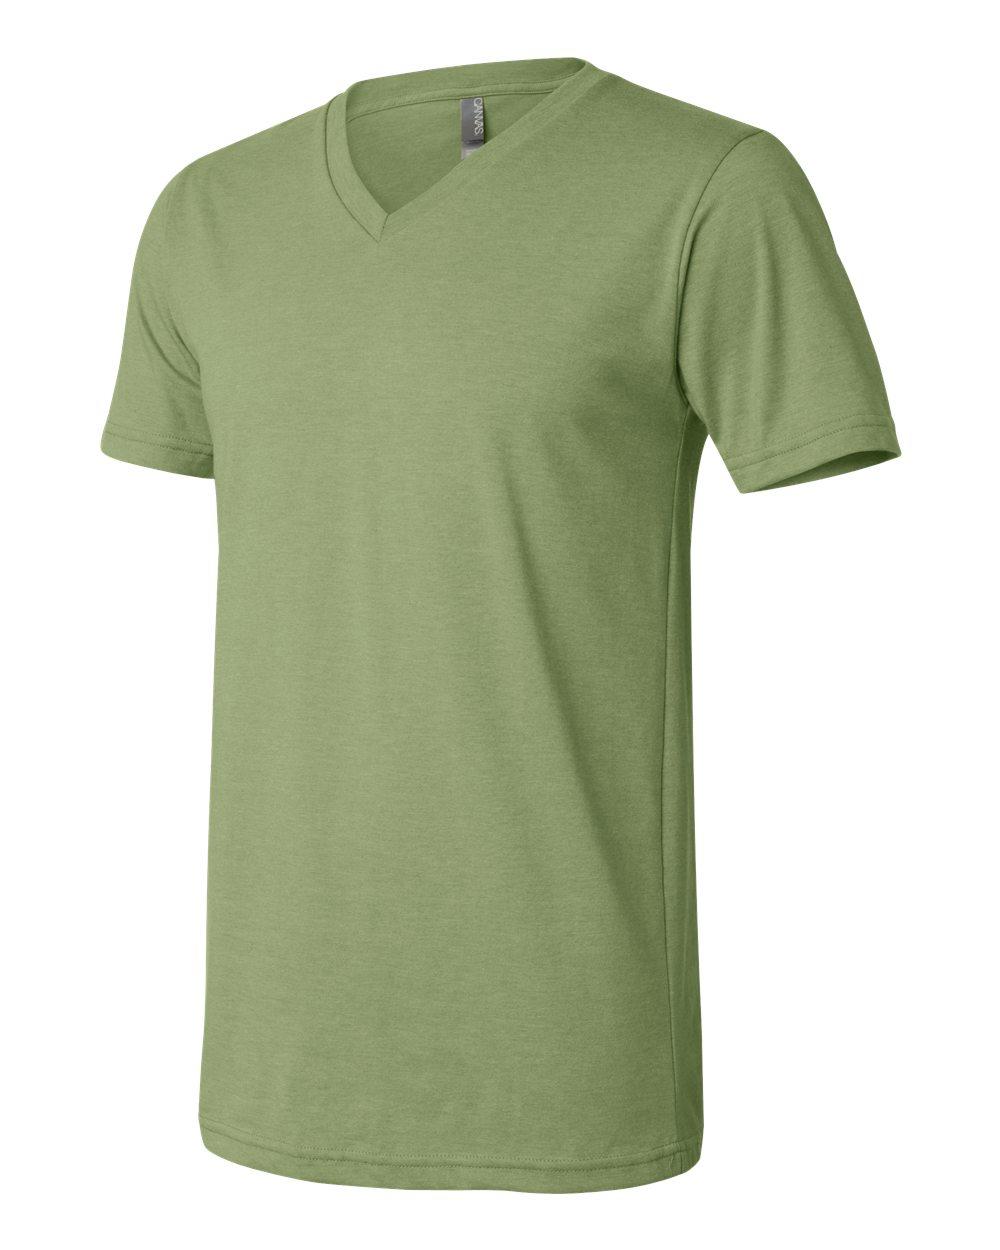 Bella-Canvas-Men-039-s-Jersey-Short-Sleeve-V-Neck-T-Shirt-3005-XS-3XL thumbnail 70